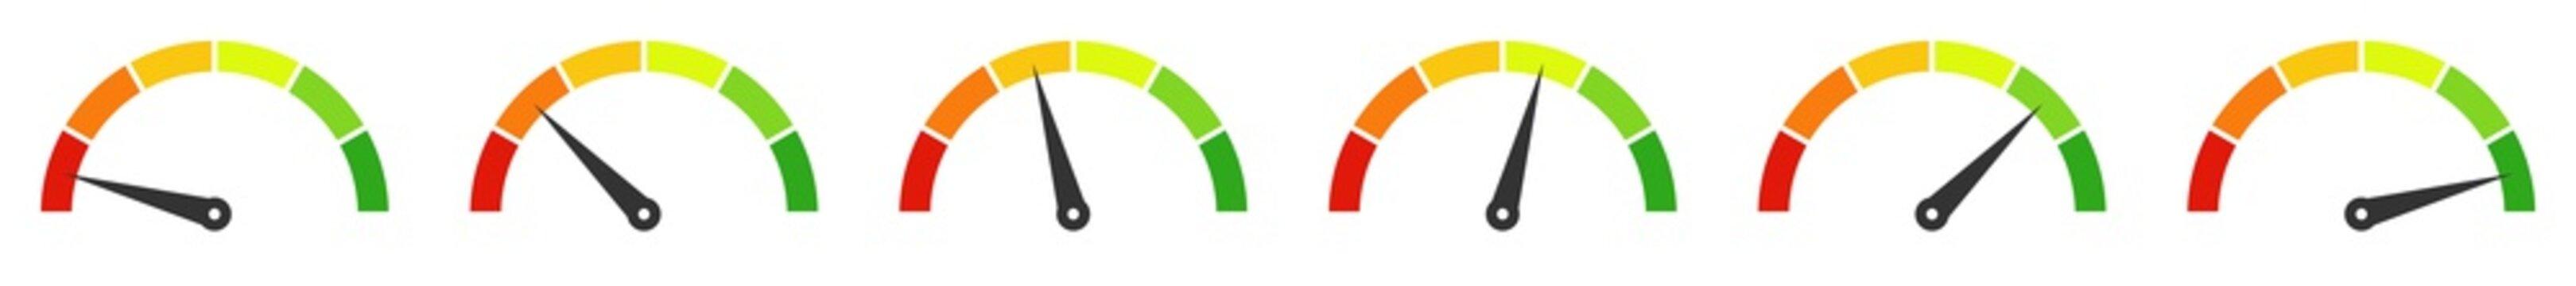 6 Tachometer zeigen Performance, Leistung oder Geschwindigkeit an